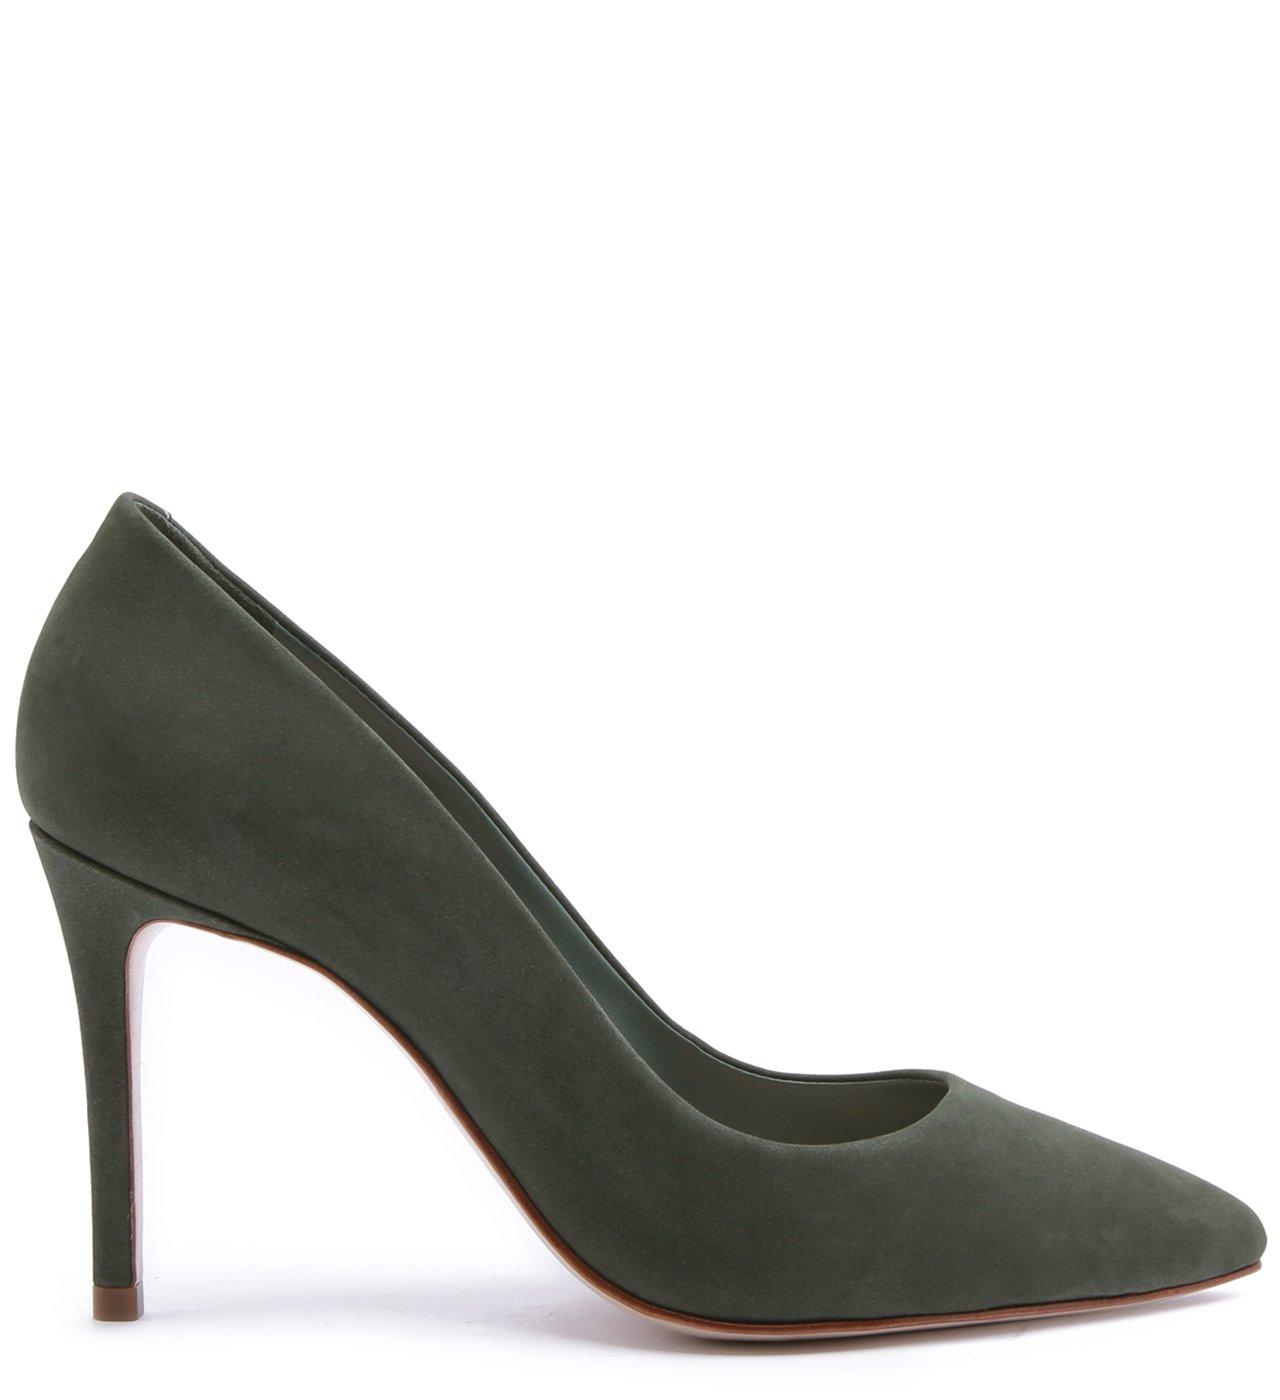 Scarpin Classic Nobuck Emerald | Schutz